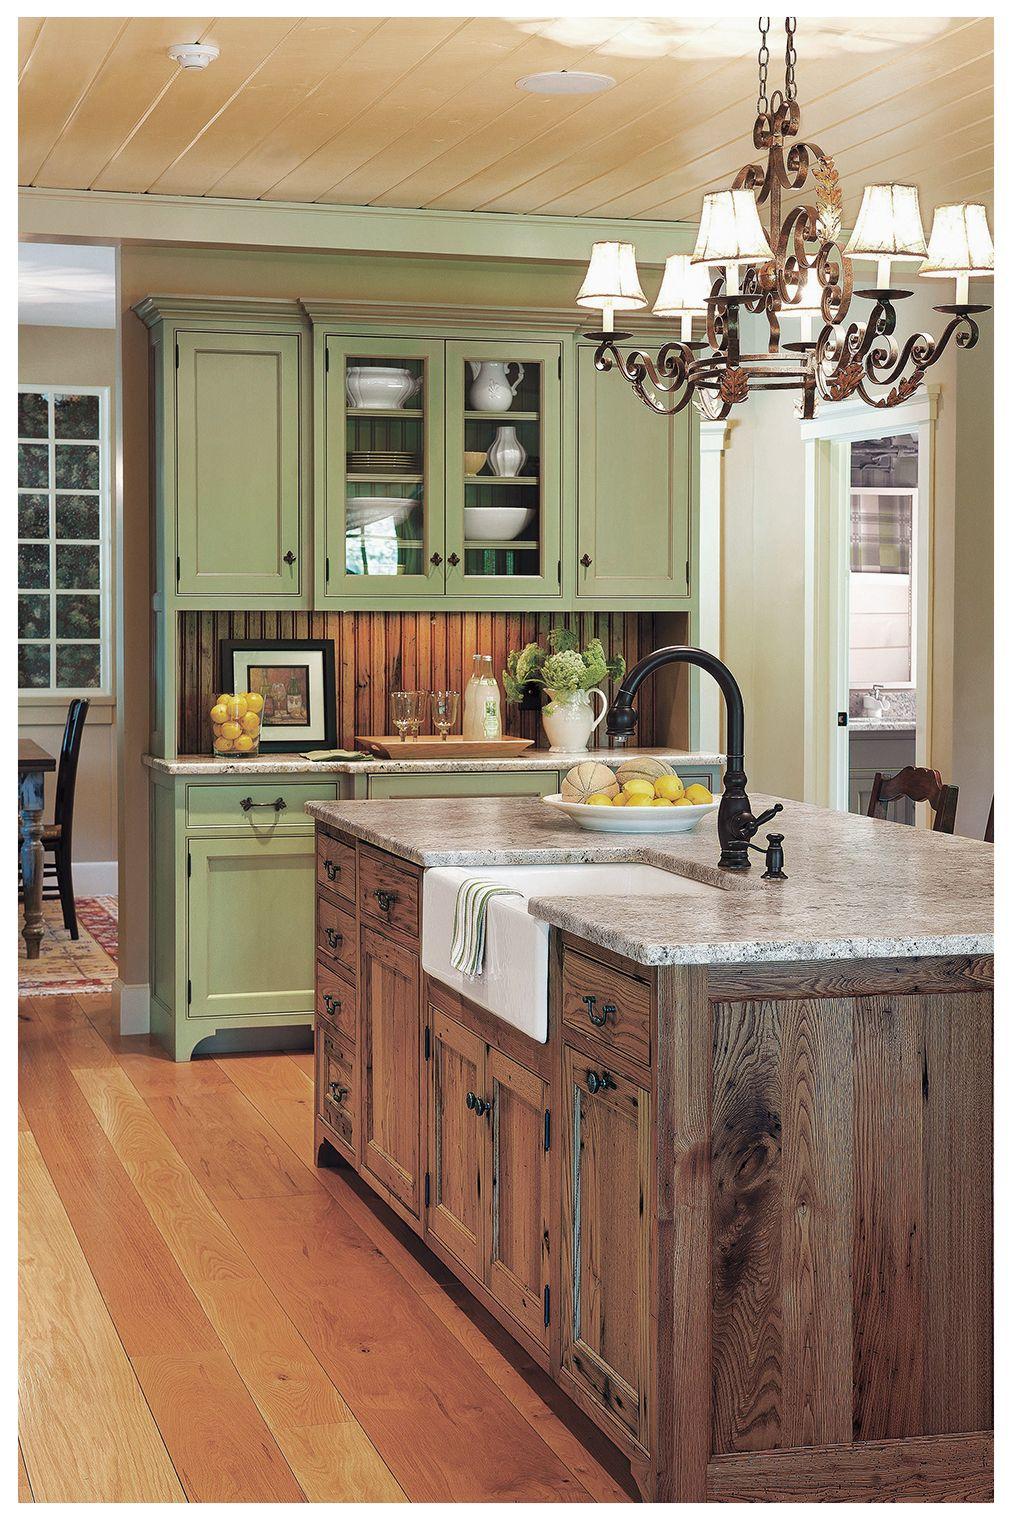 20 Catchy Mediterranean Kitchen Design Elements Ideas Mediterranean Kitchen Design Kitchen Island Design Country Kitchen Decor